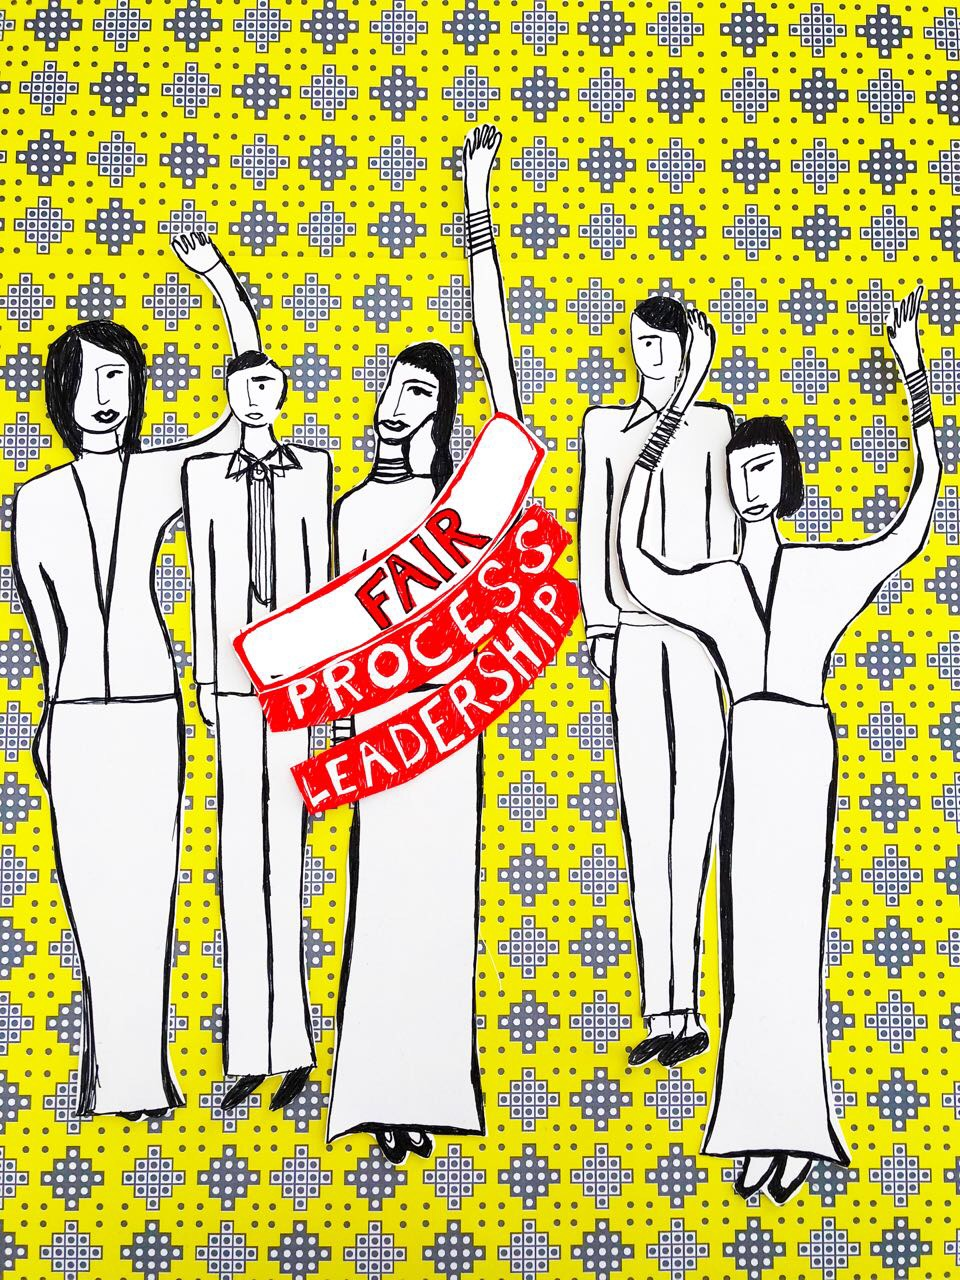 Illustration by  Costas Mantzalos